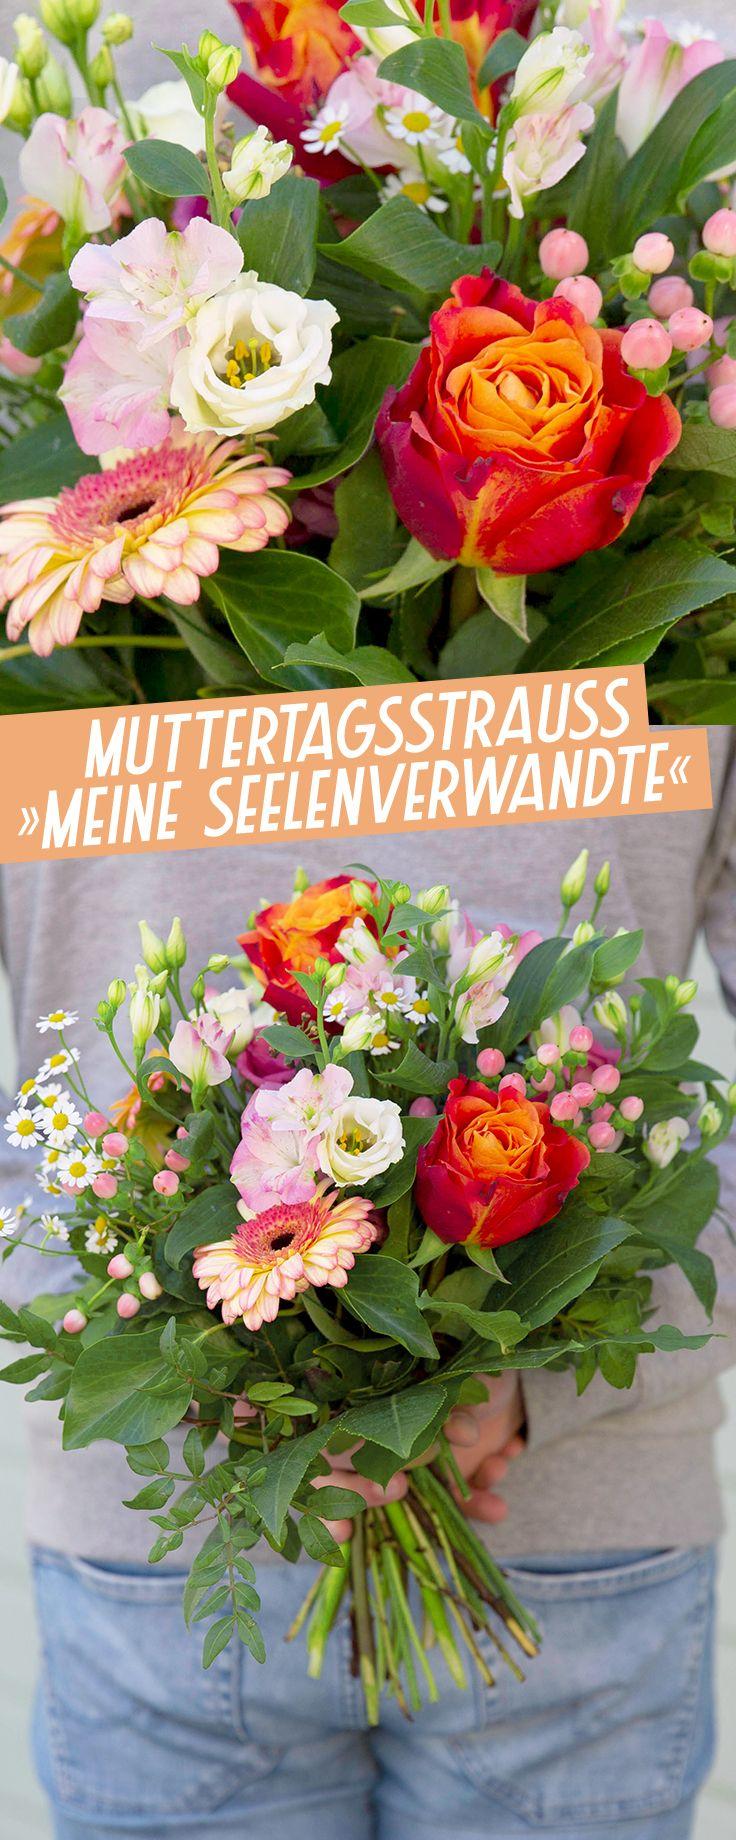 Muttertagsstrauss Meine Seelenverwandte Muttertag Mein Seelenverwandter Geburtstag Blumen